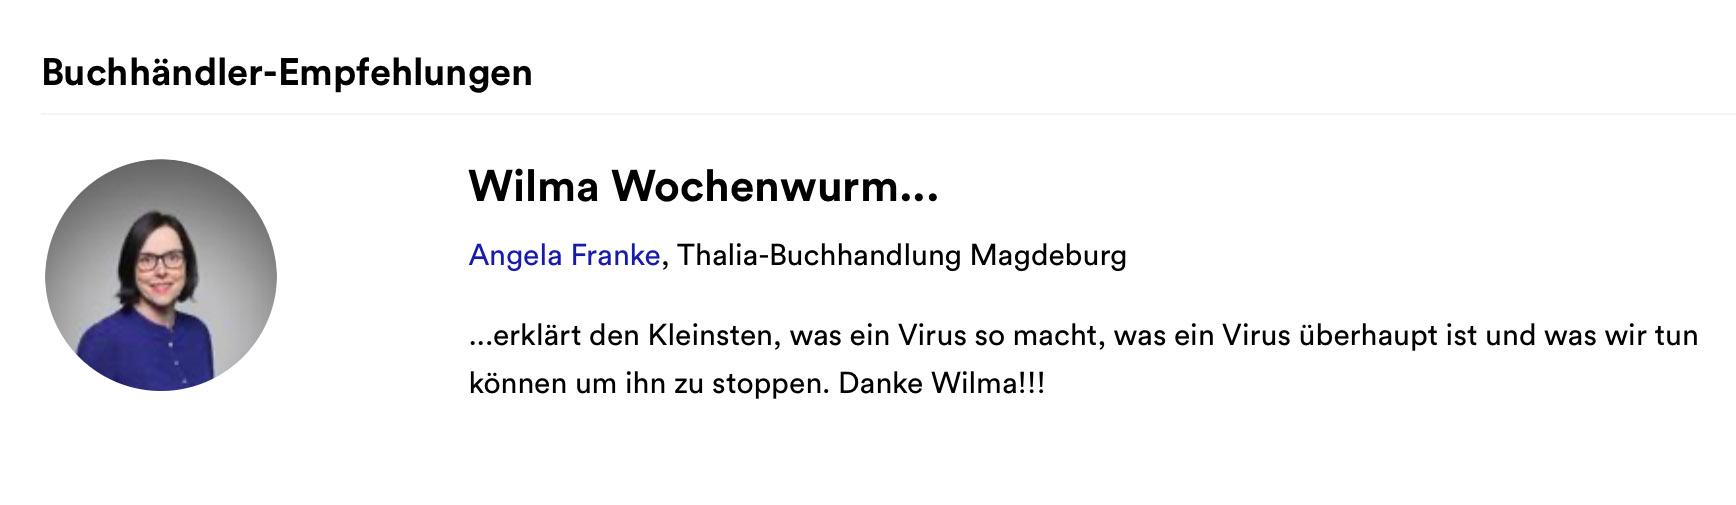 Buchhändler Empfehlung Thalia Wilma Wochenwurm Virus und Co